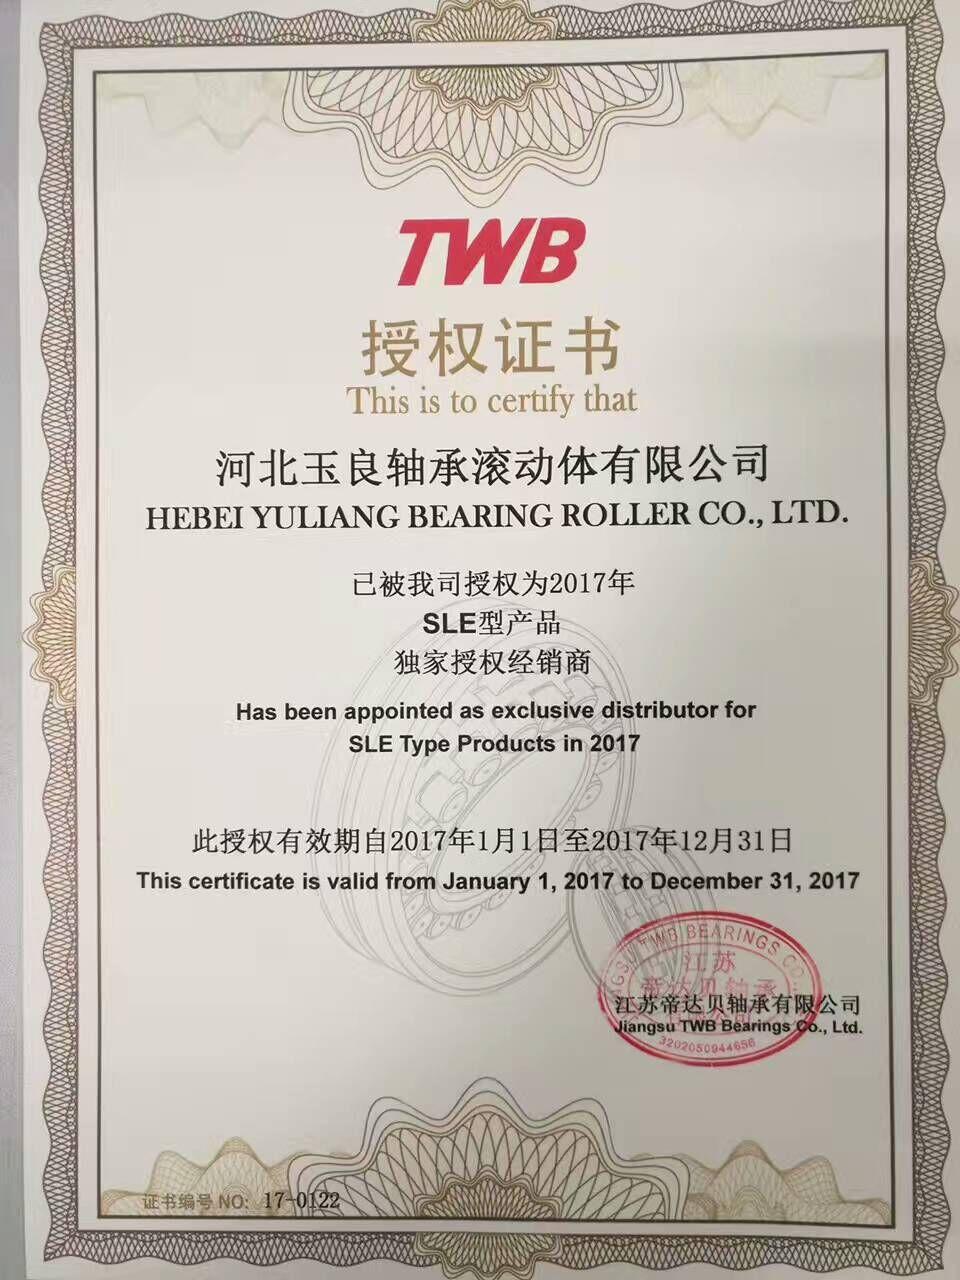 TWB授权